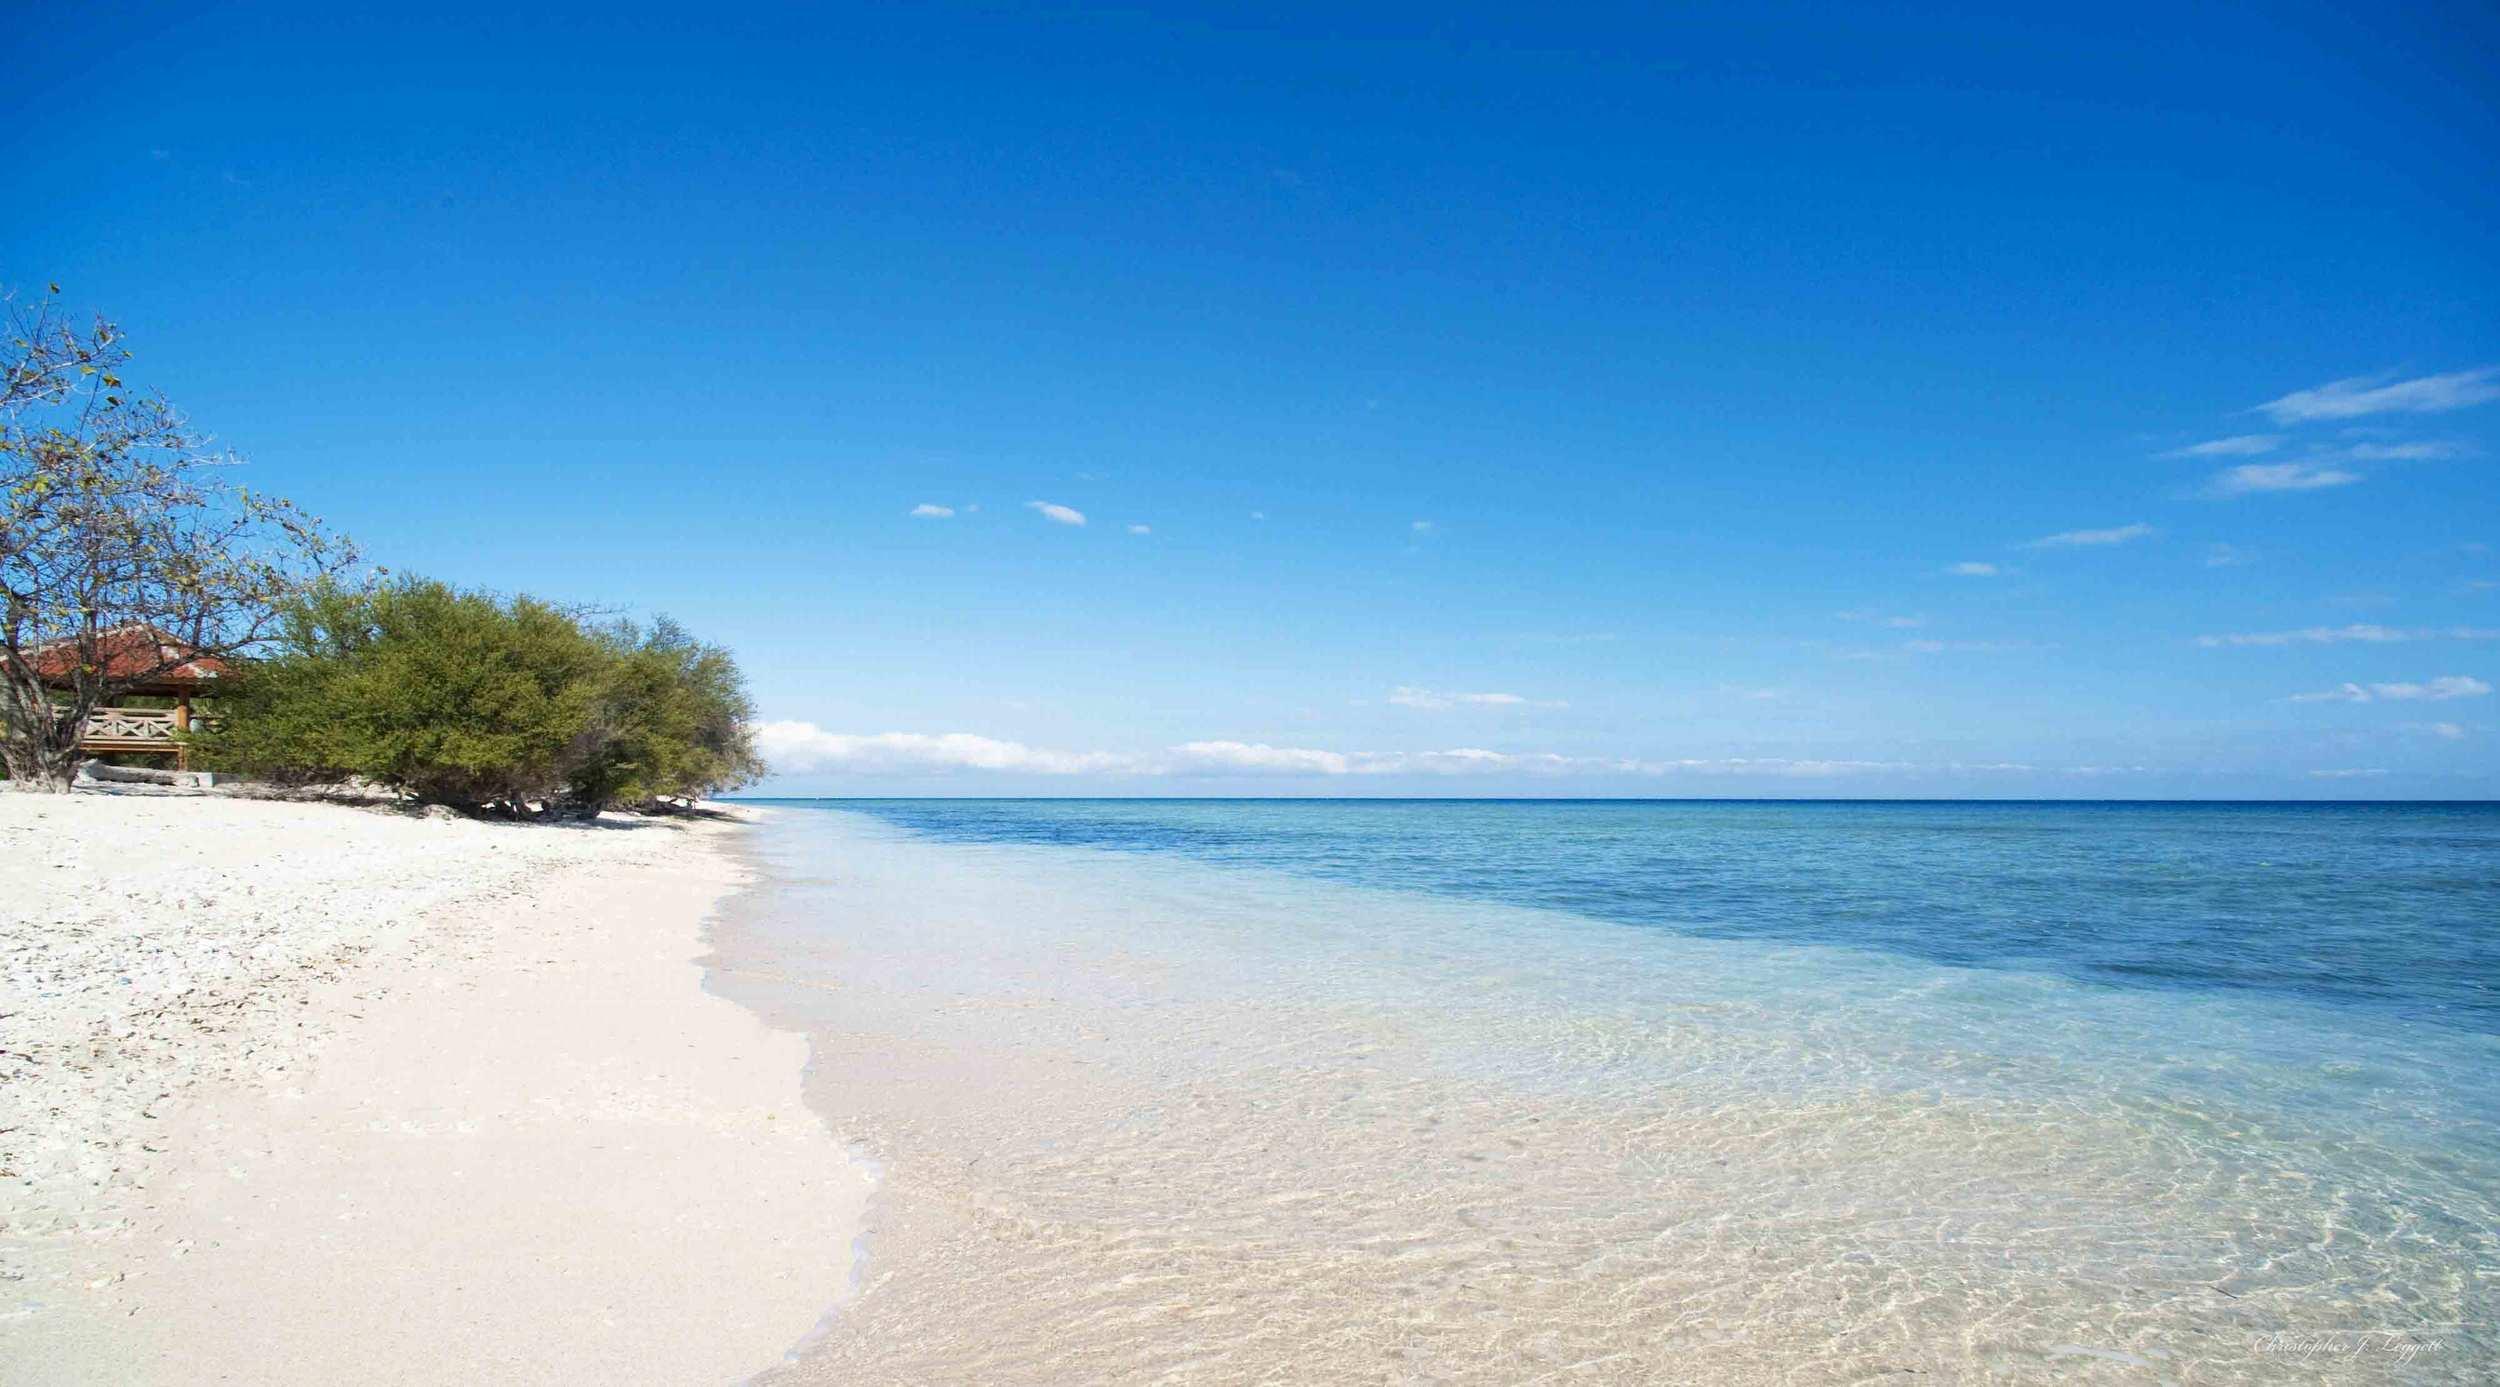 Gili Trawangan - Wisata pantai terindah di Indonesia